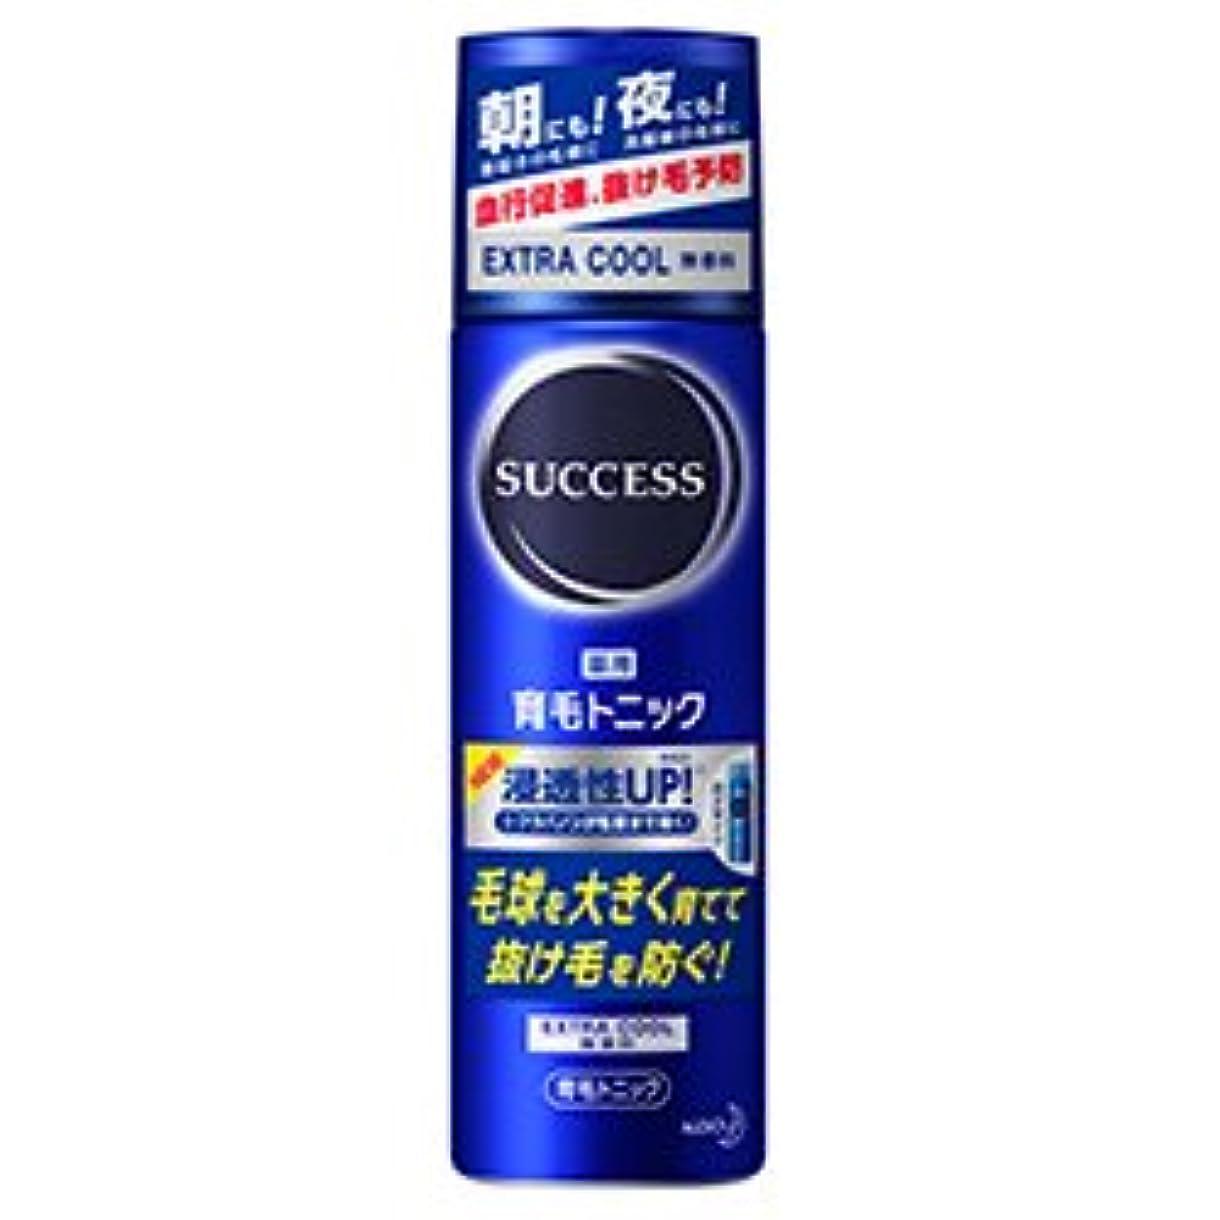 【花王】サクセス 薬用育毛トニック エクストラクール 無香料 180g ×10個セット